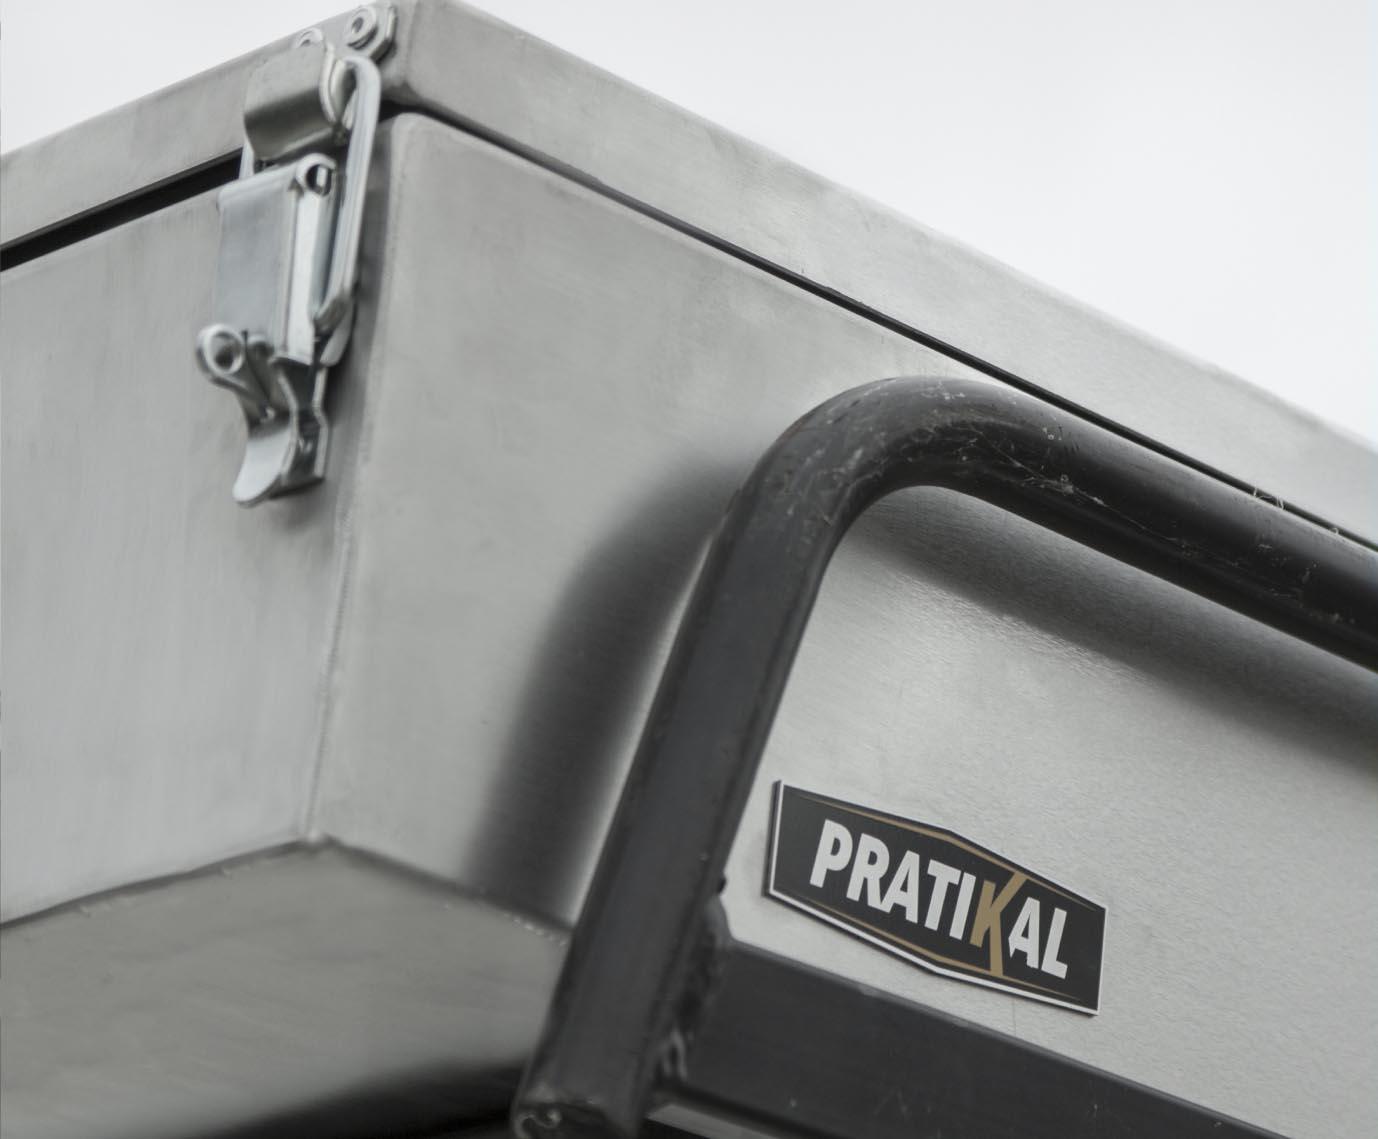 profilebox pratikal coffre de galerie pour profil s zinc. Black Bedroom Furniture Sets. Home Design Ideas